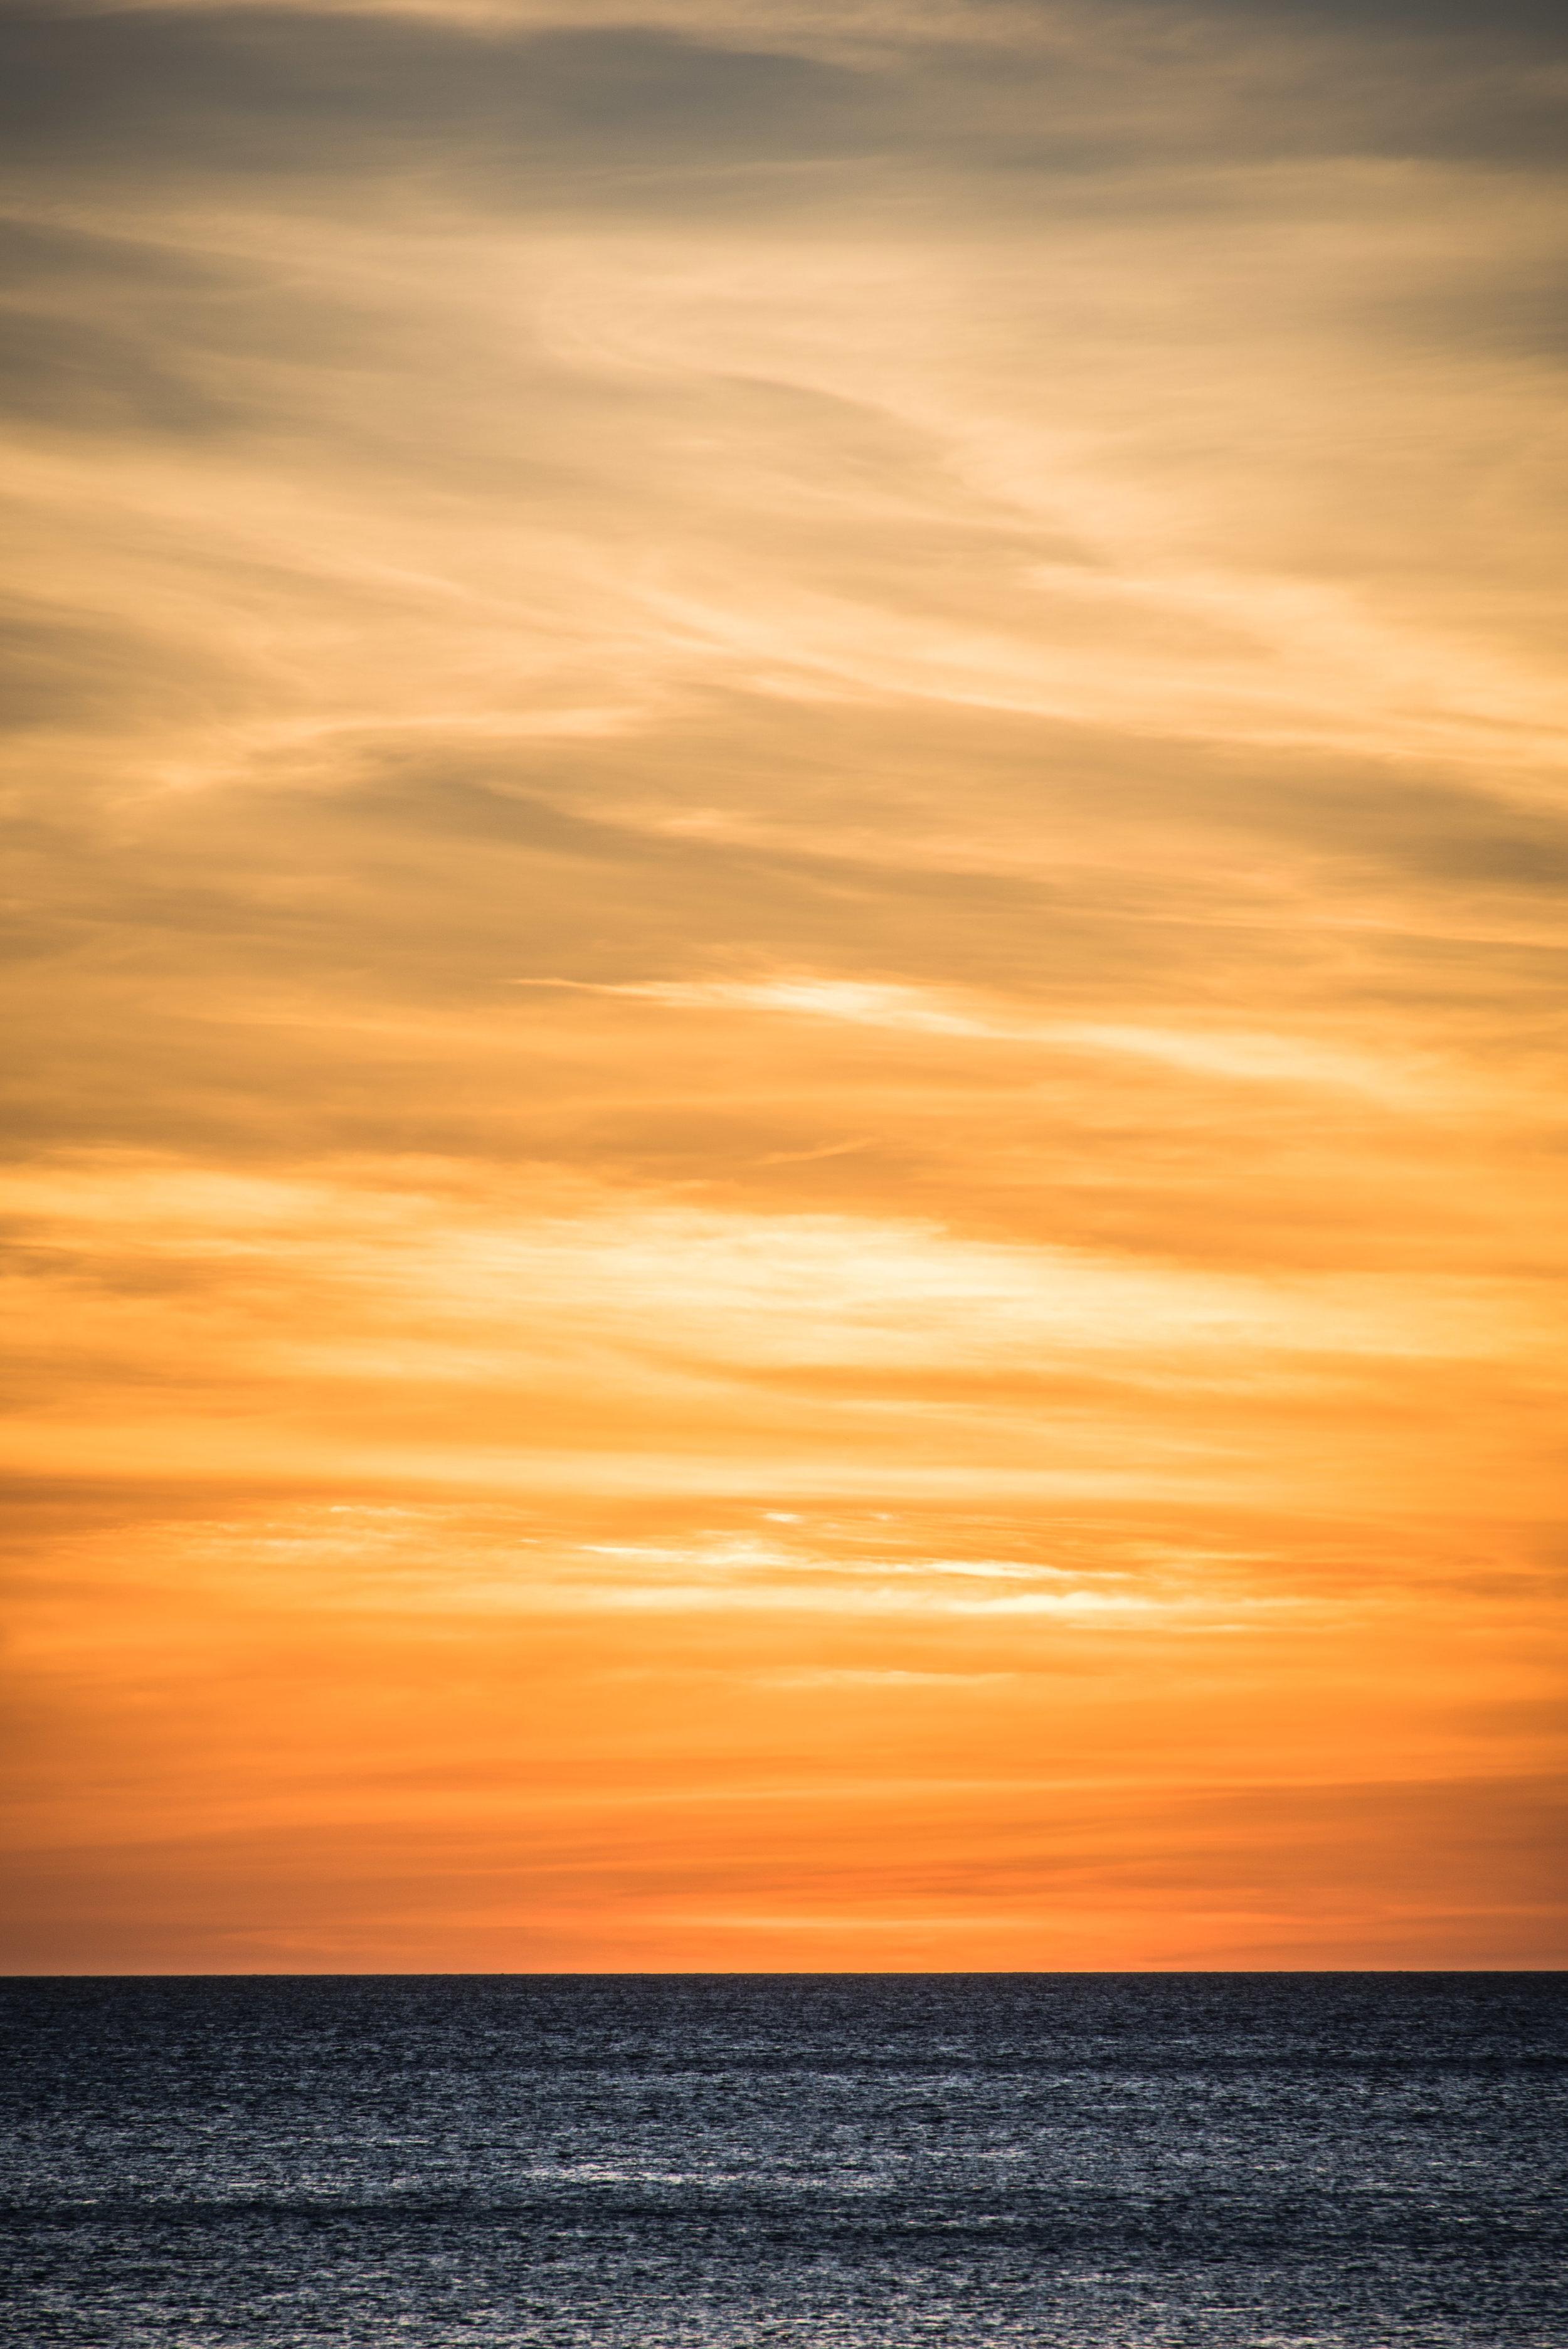 Sunset over Bohol sea